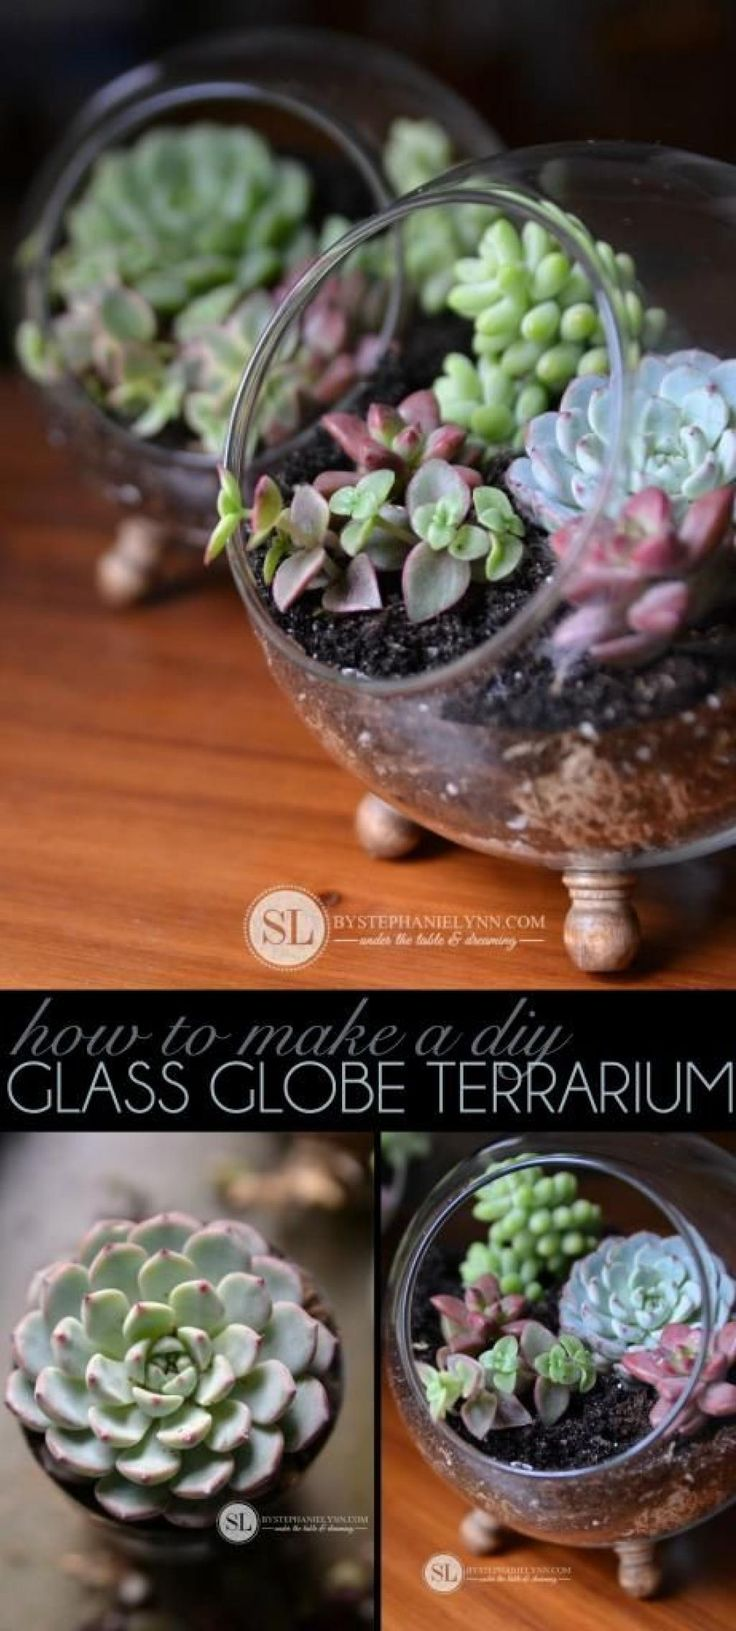 Vous aimez les terrariums?Ils sont magnifiques!